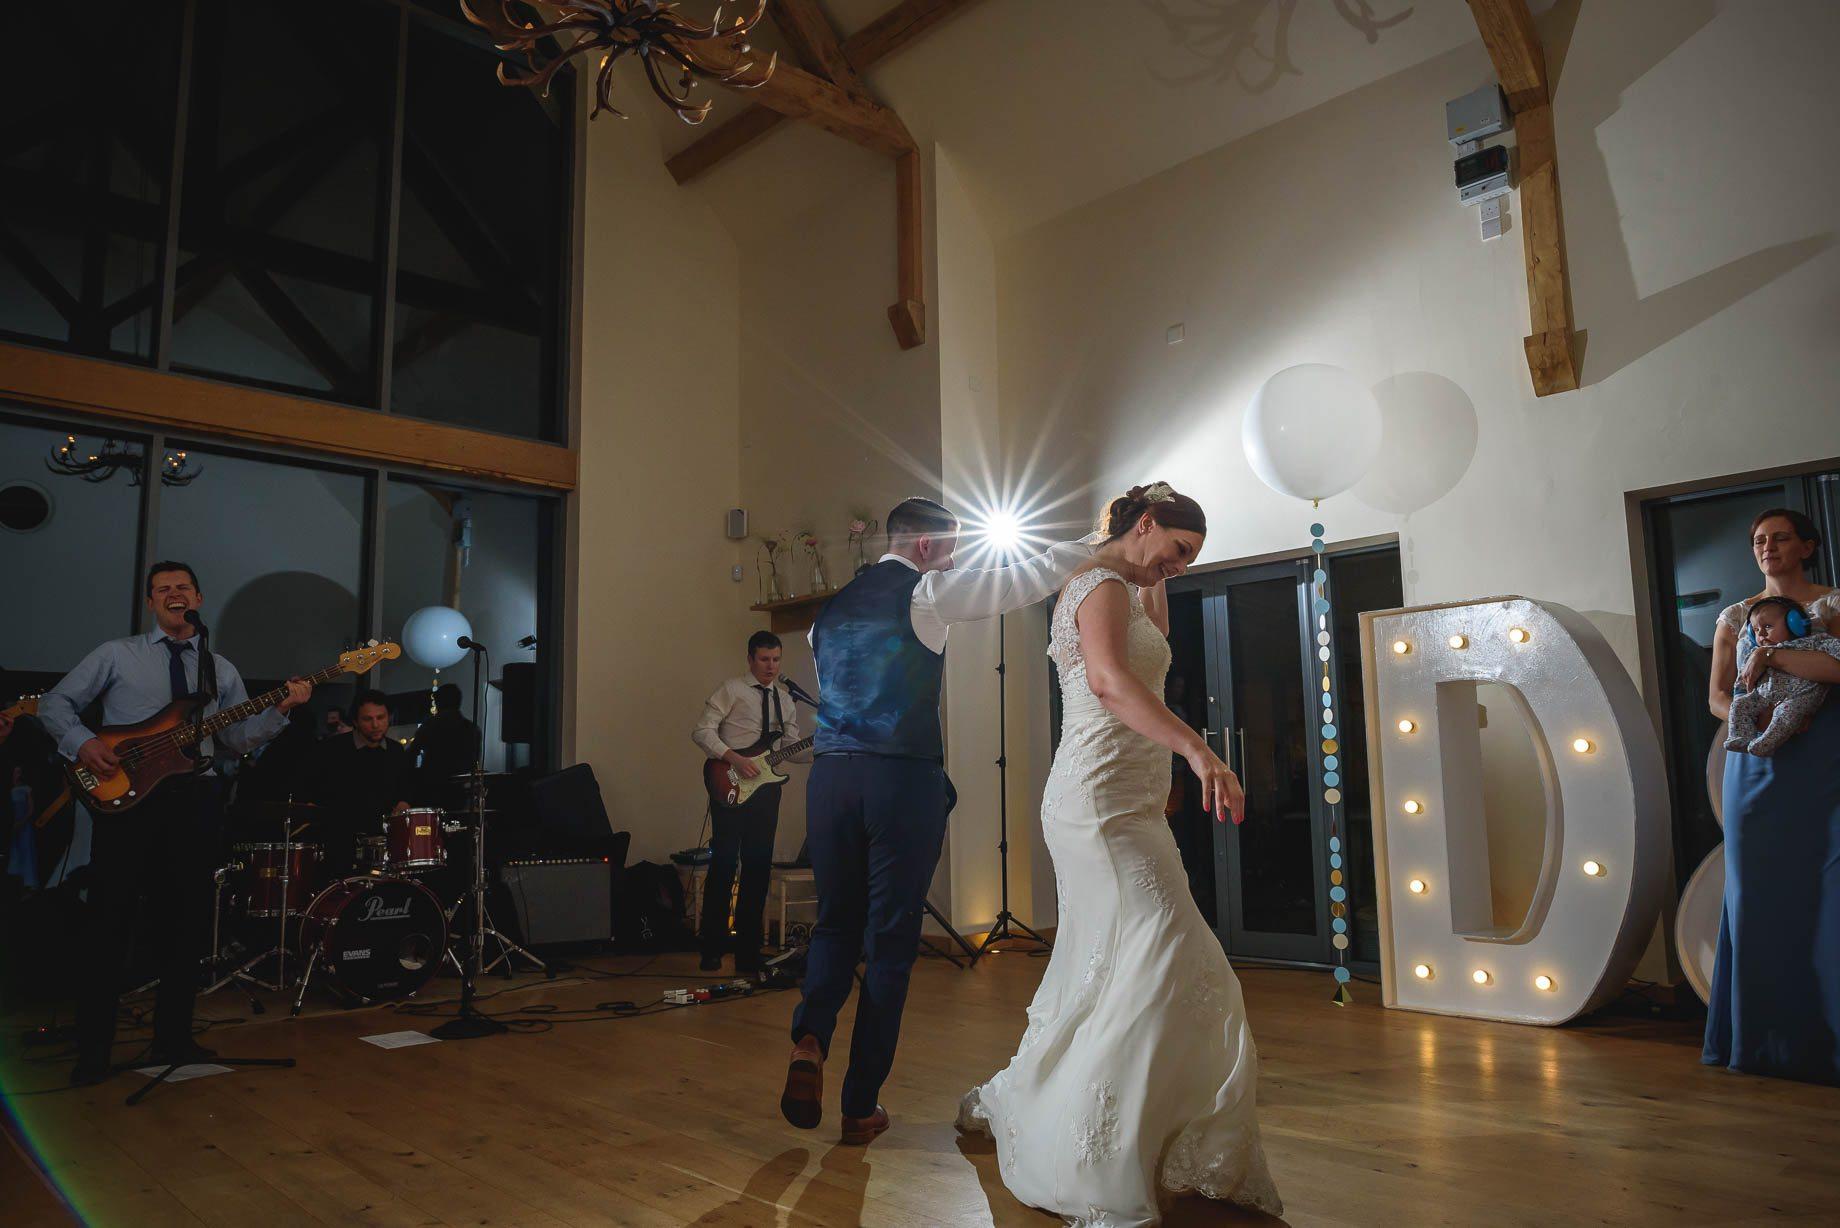 Millbridge Court Wedding Photography - Lisa and Daniel (164 of 173)